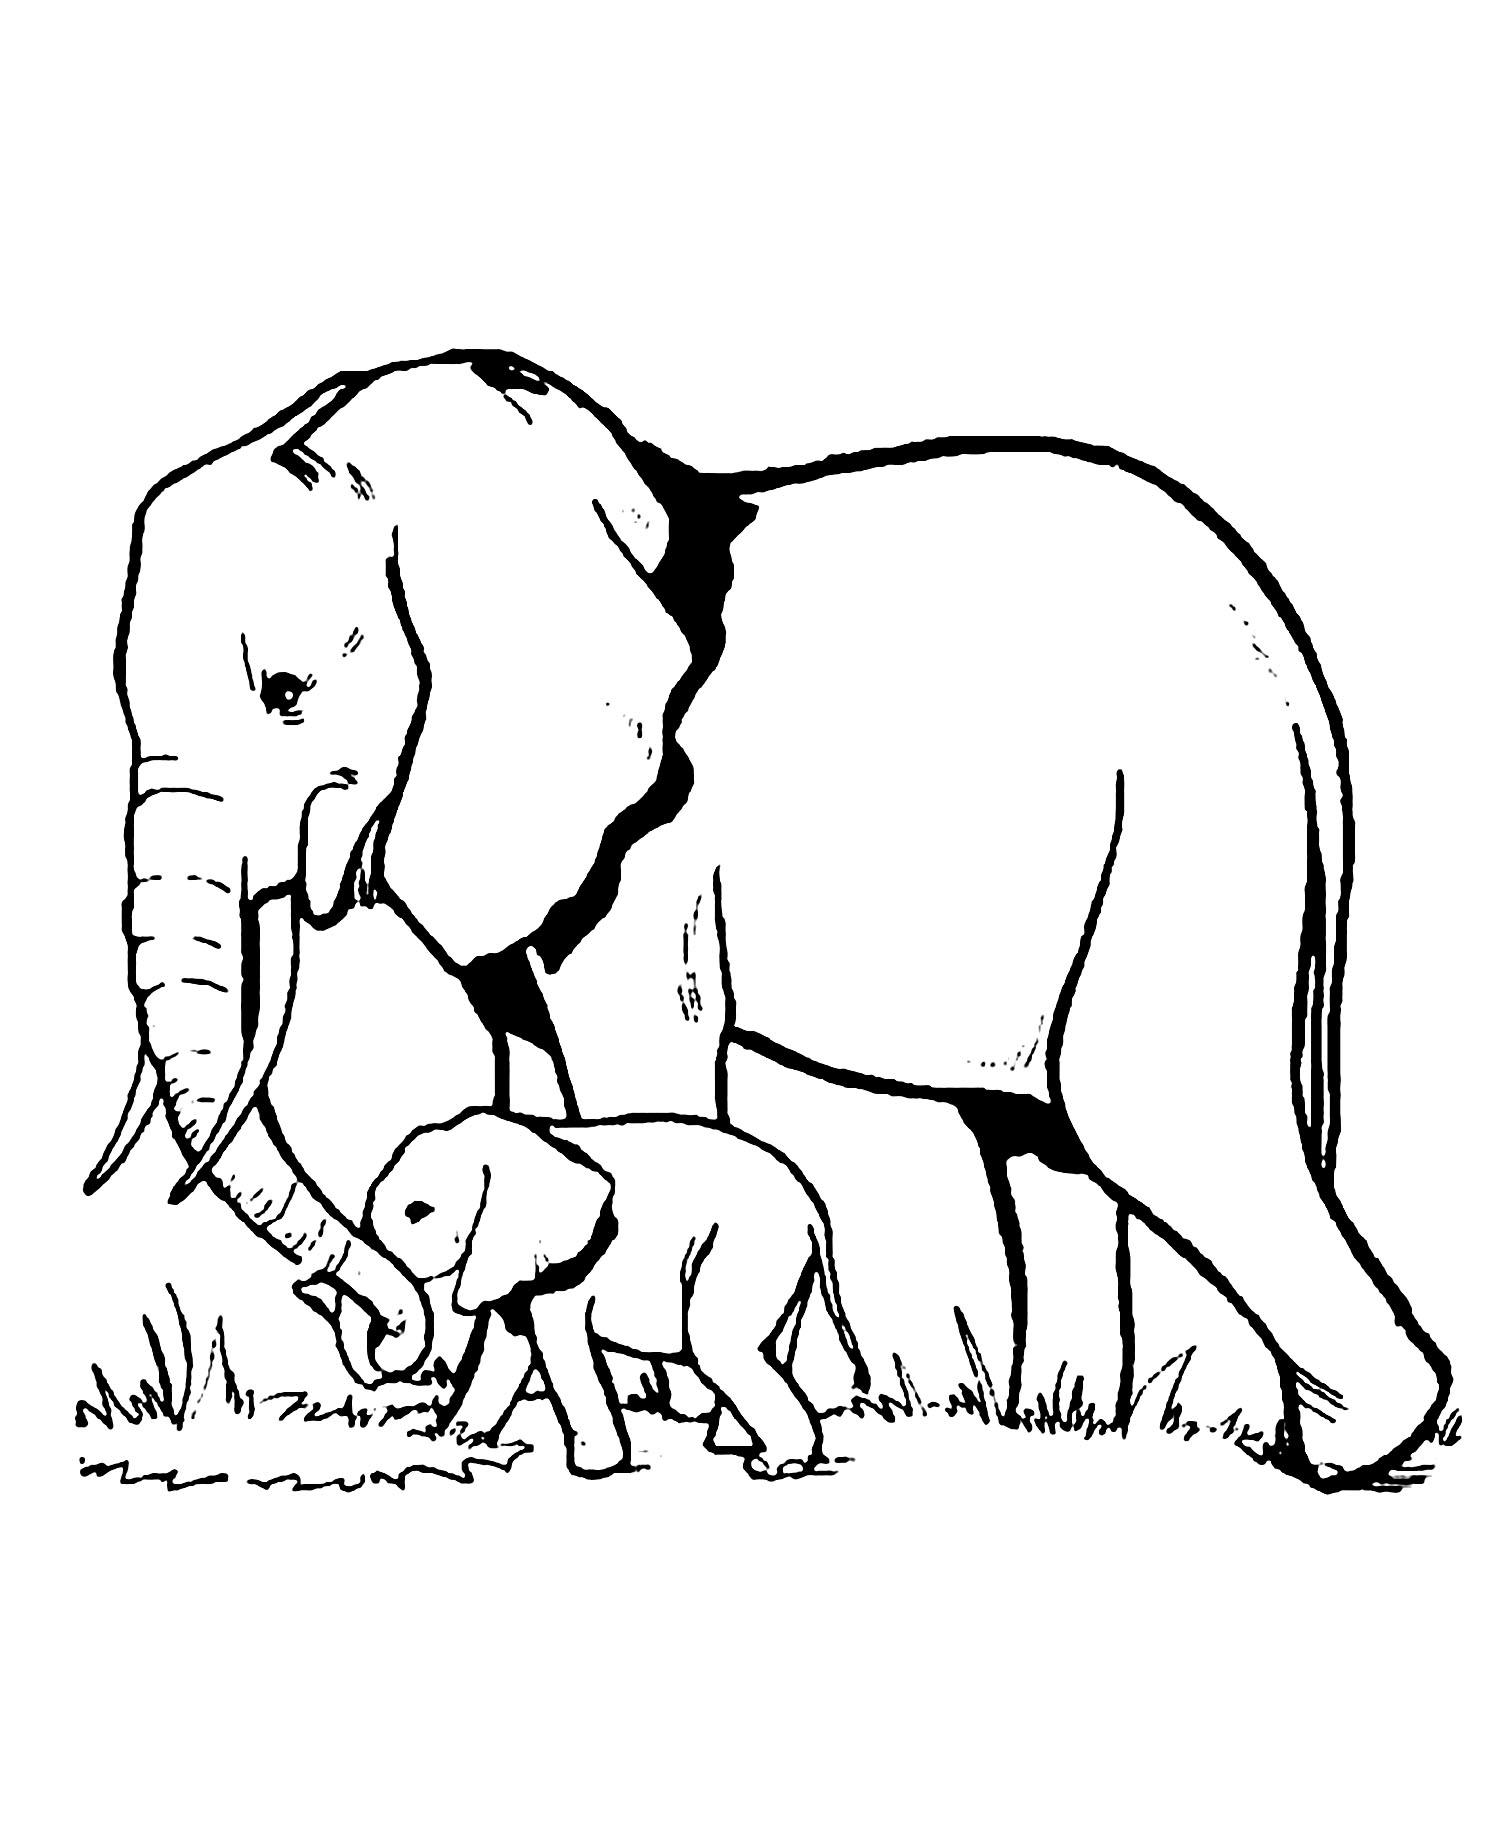 Coloriage D Elephant A Telecharger Gratuitement